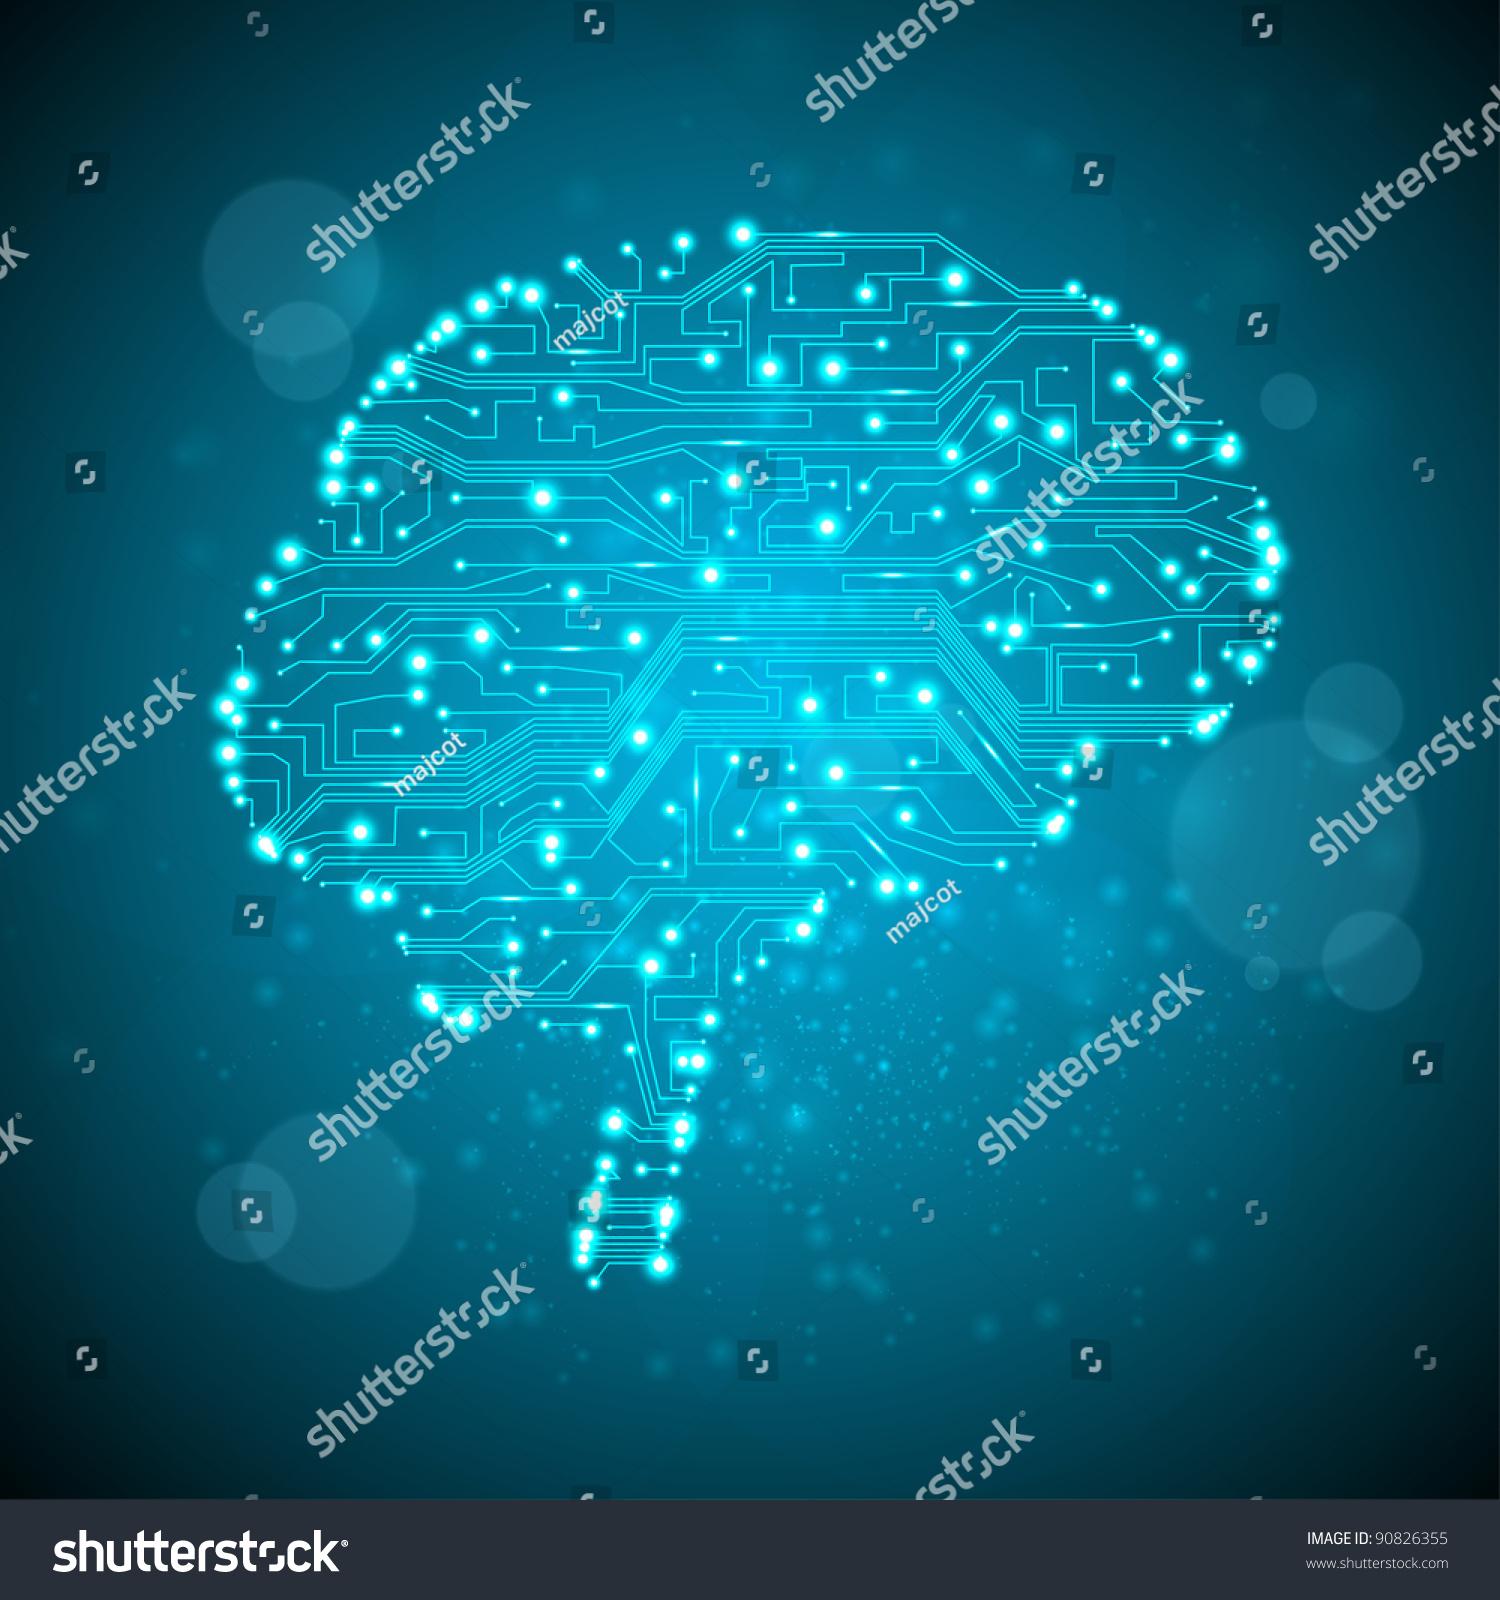 电路板的背景,技术说明,形式的大脑-科技,抽象-海洛()